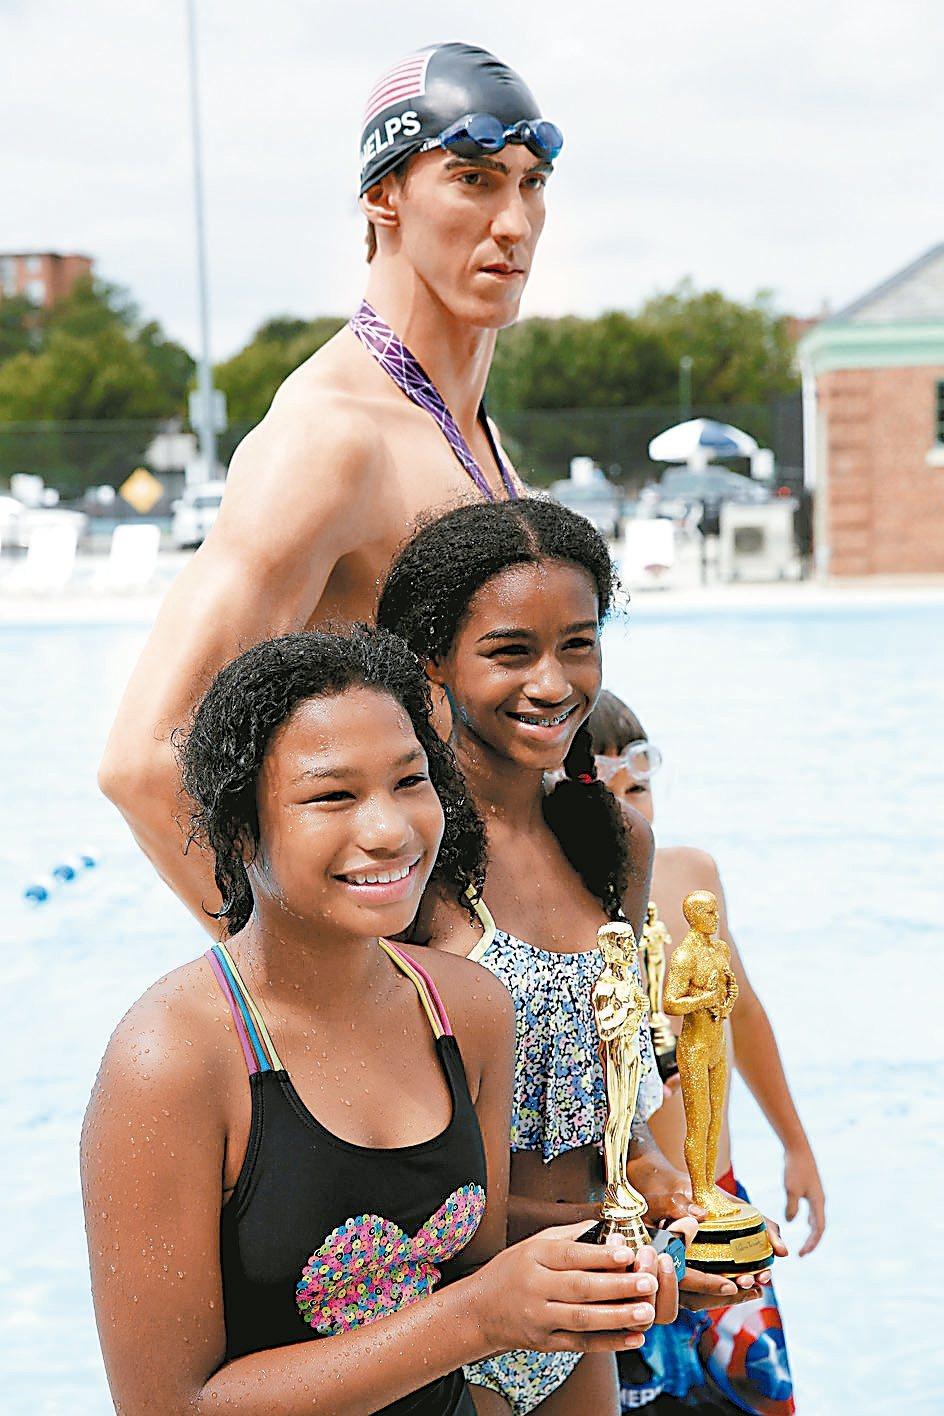 里約奧運的兩大運動巨星菲爾普斯(見圖上)與柏特,生涯在奧運賽會表現耀眼,獲選為奧...